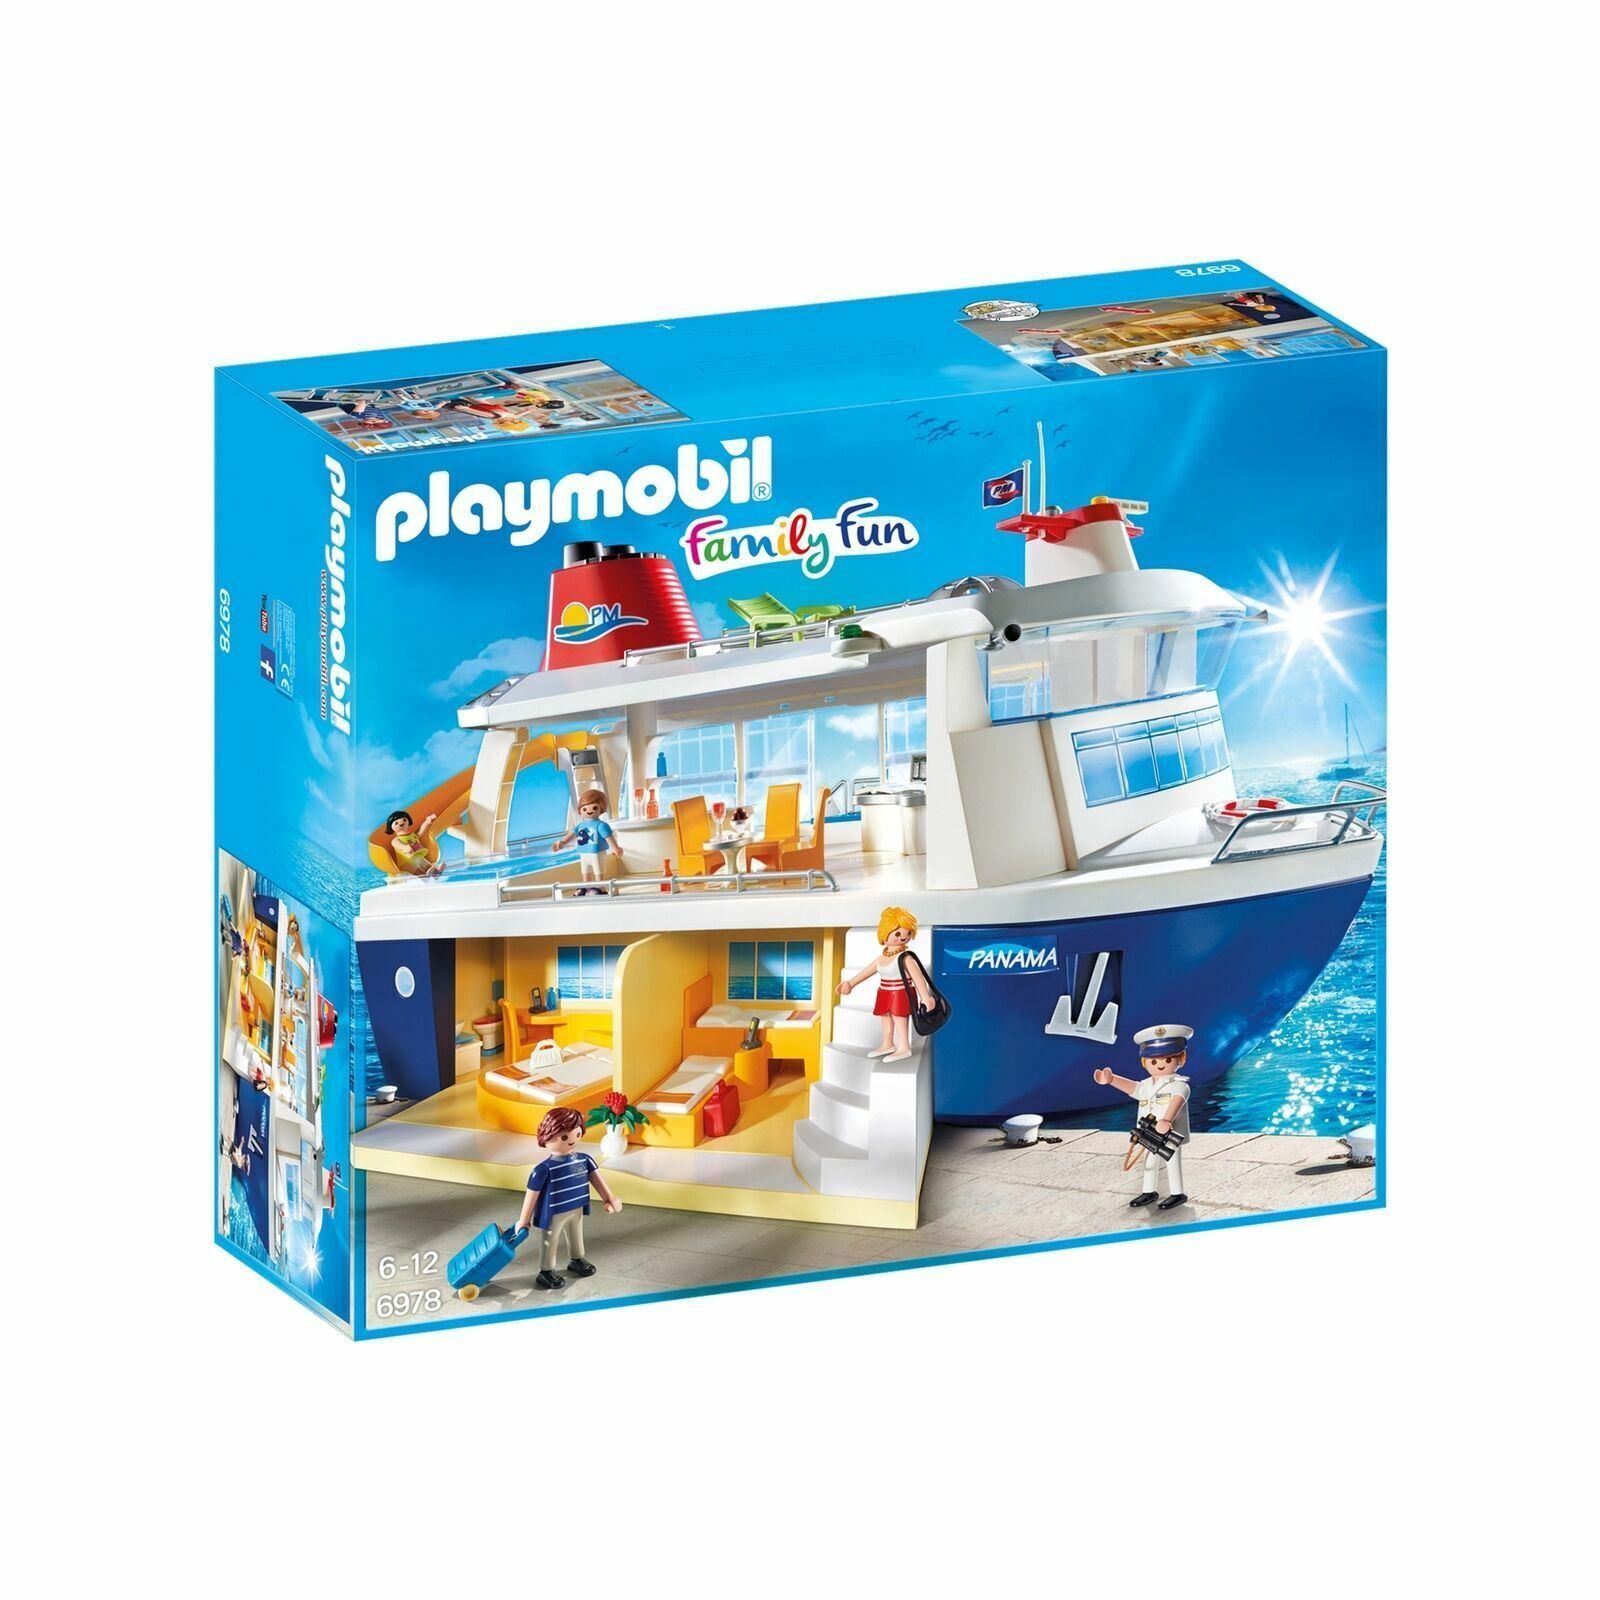 Playmobil Famiglia Diverdeimento 6978 Gree Panama  Nave da Crociera Accessori &  prezzi equi